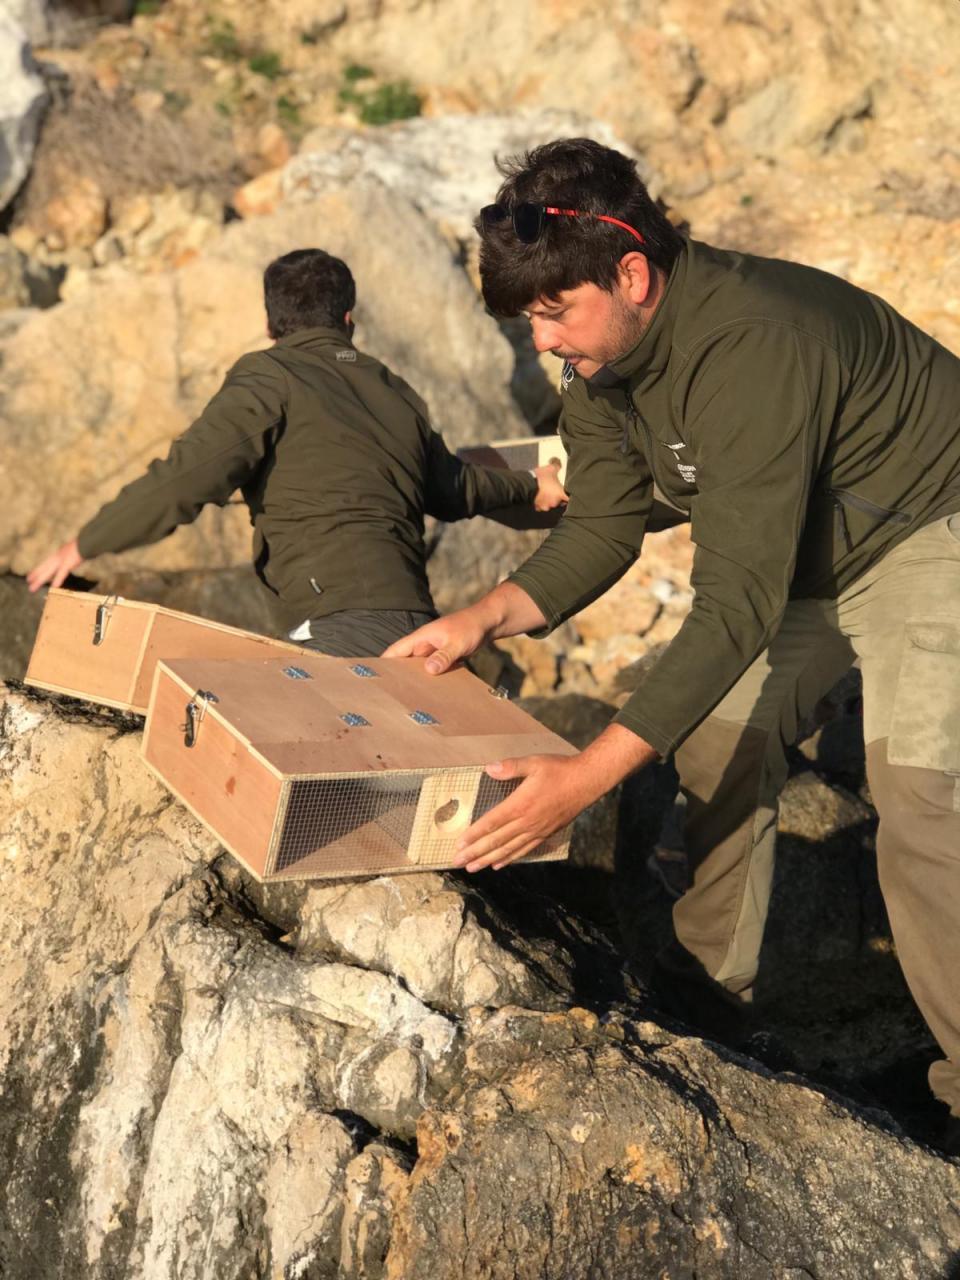 Capturados más de 700 ejemplares de serpientes en las Pitiusas en cuatro meses